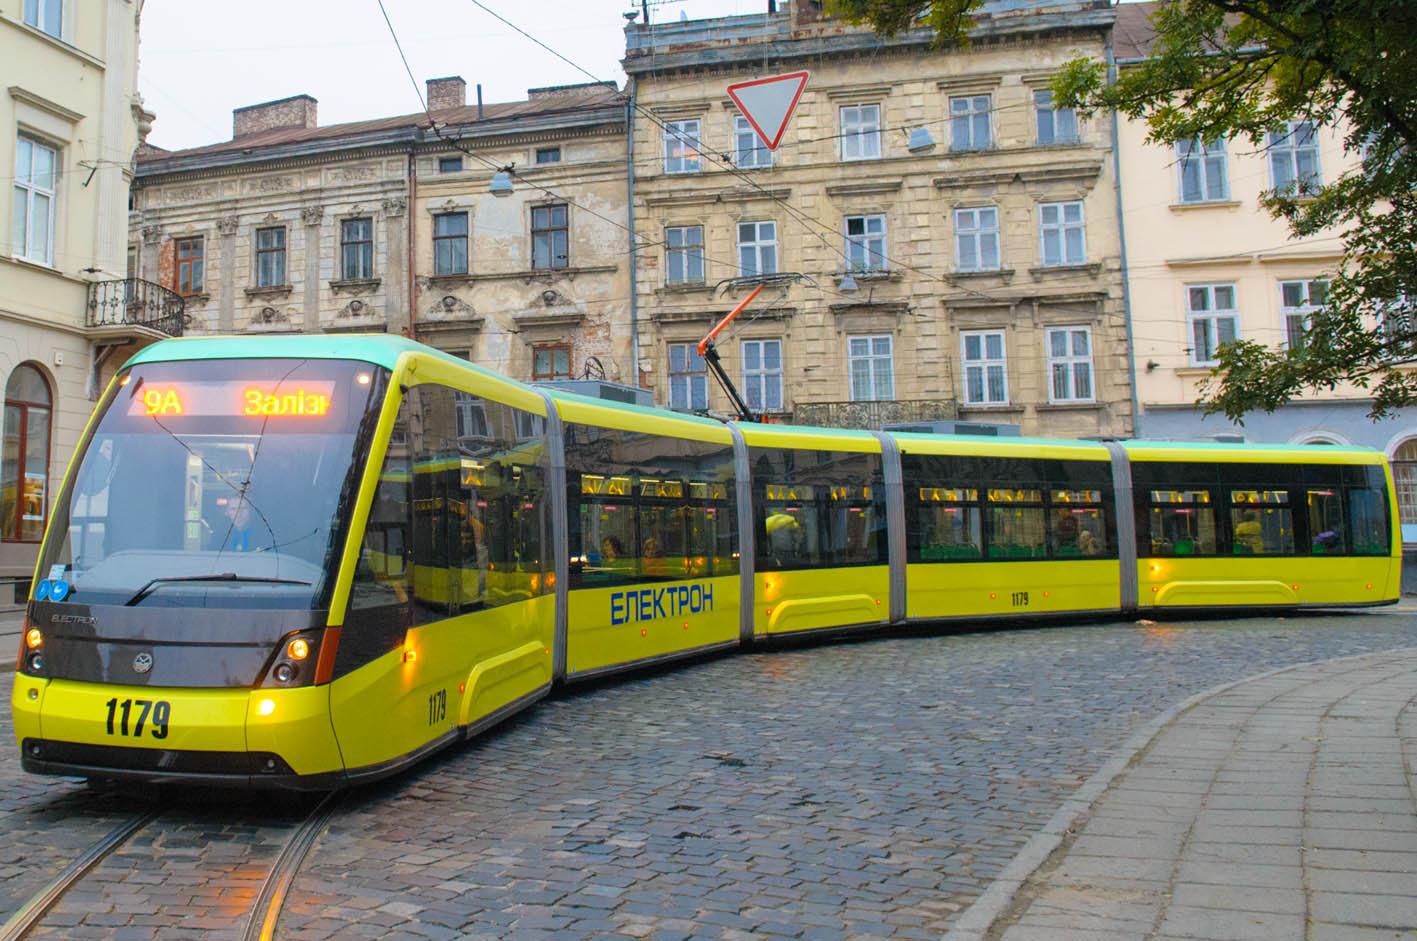 Просторный пассажирский салон, кондиционеры и wi-fi: в Украине выпустили новую модель трамвая - Цензор.НЕТ 4704